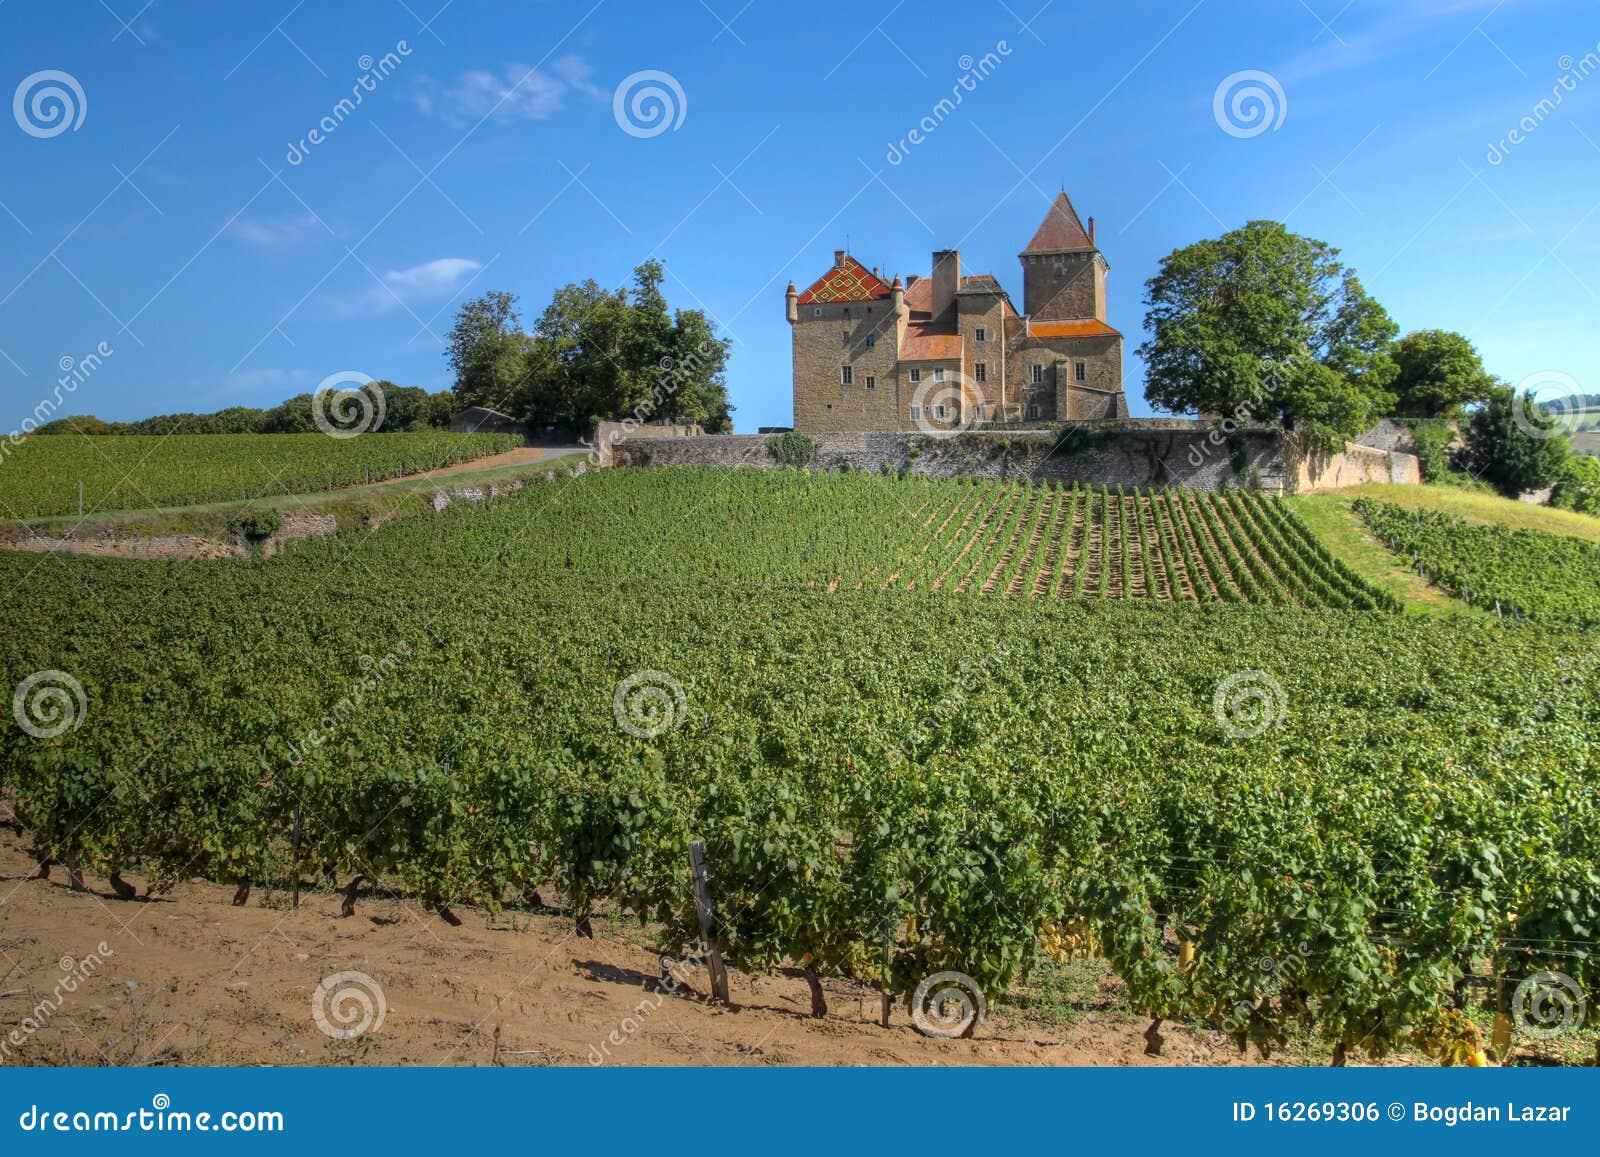 Chateau de Pierreclos, Burgundy, France